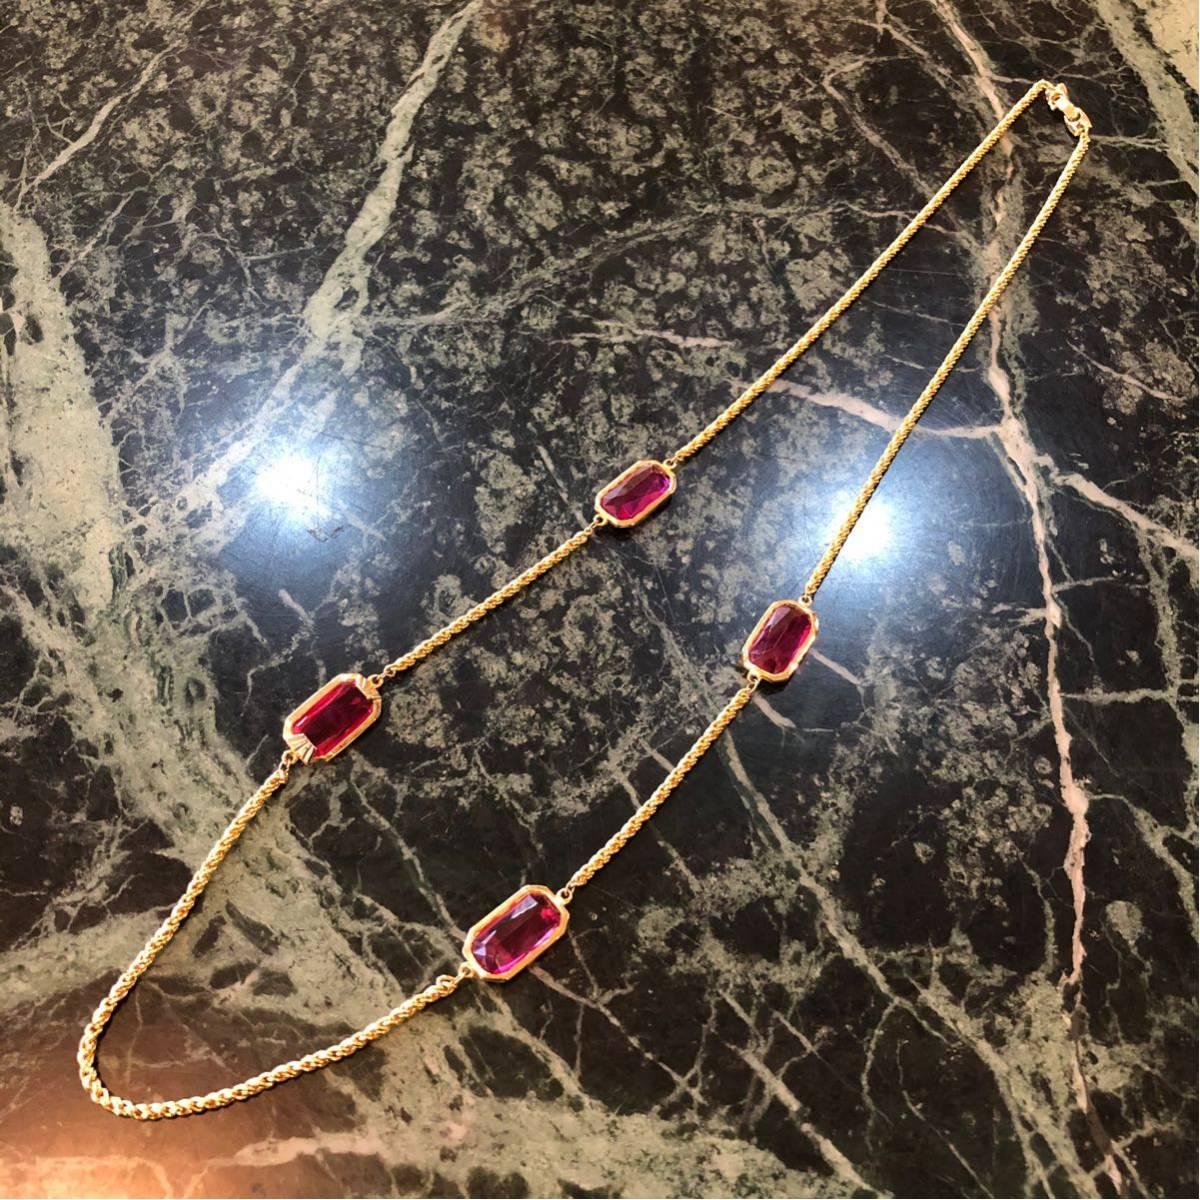 【未使用品】デザインネックレス★ビジュー きらきら ゴールドカラー×ピンク ロングネックレス_画像1